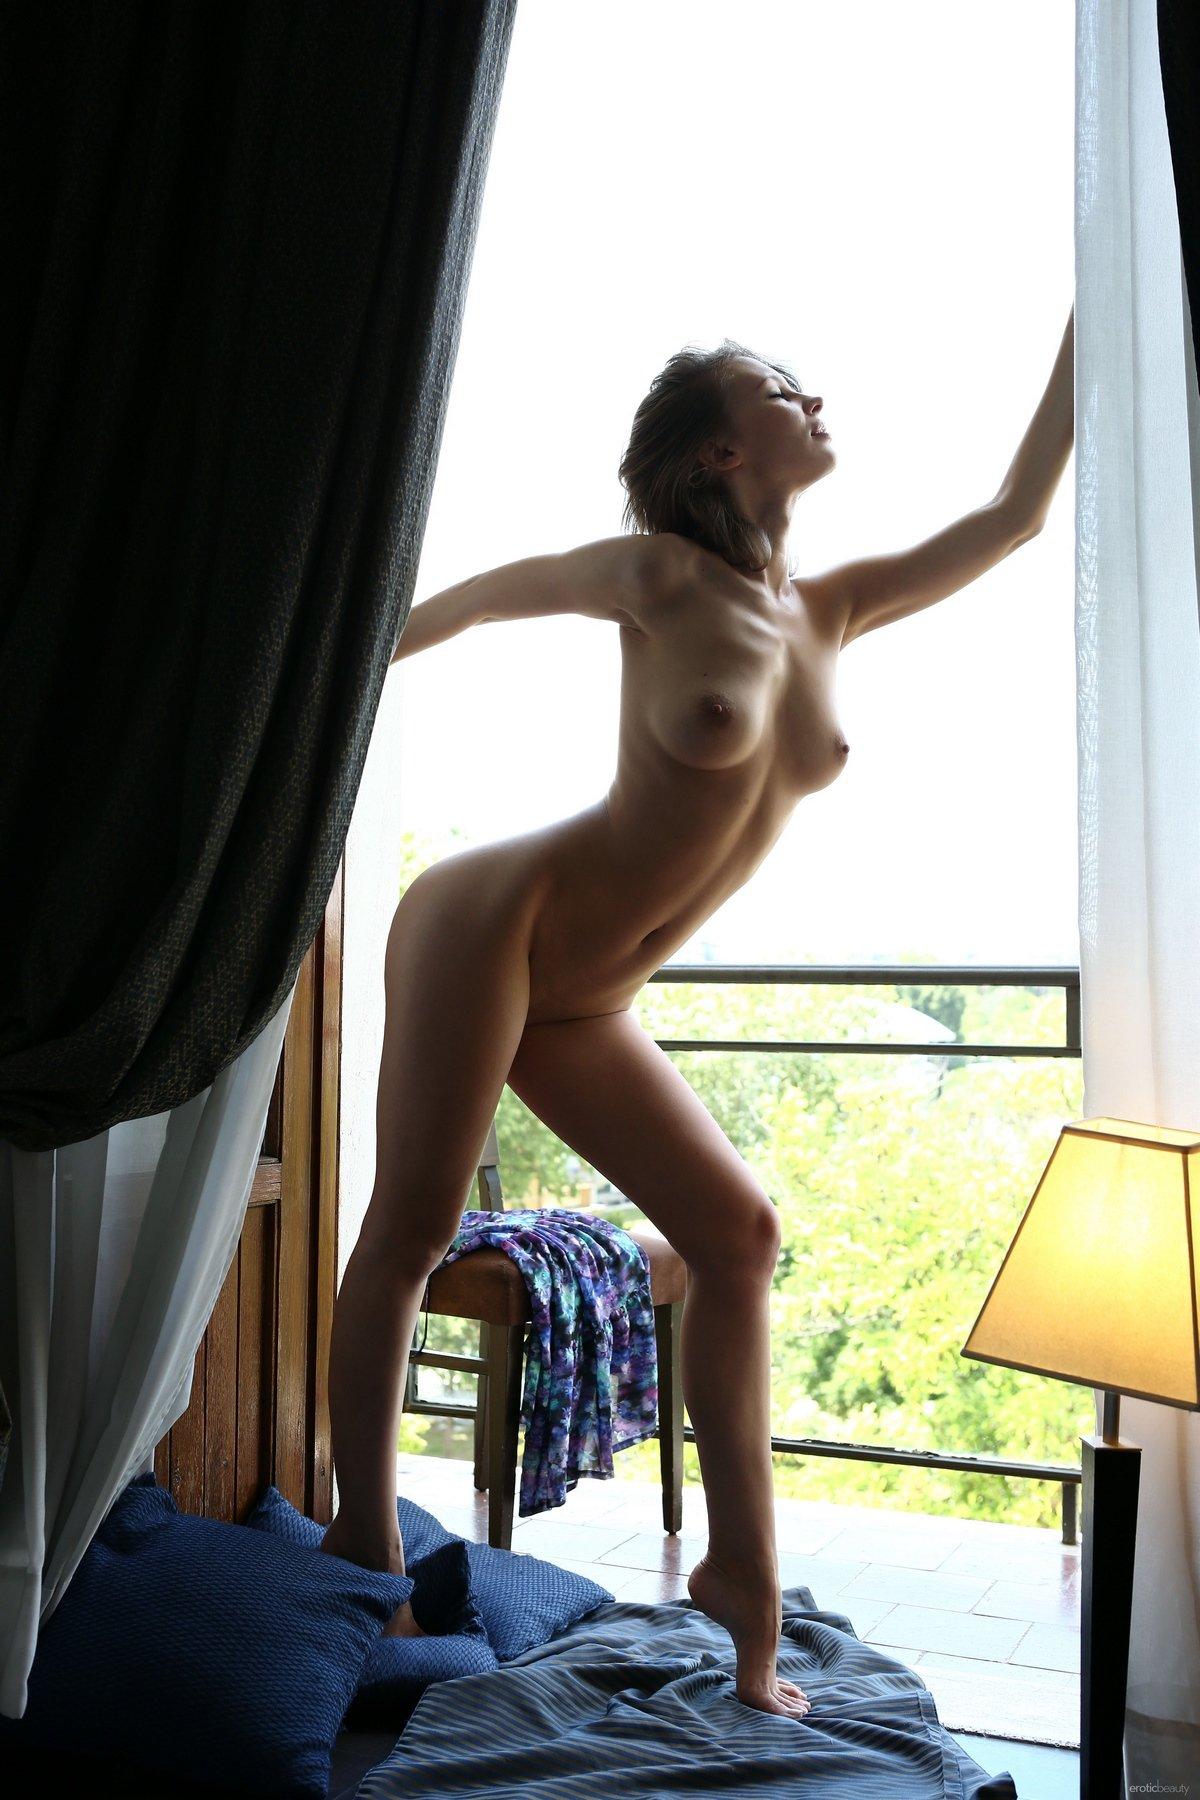 Чувственные фото голой шатенки на балконе